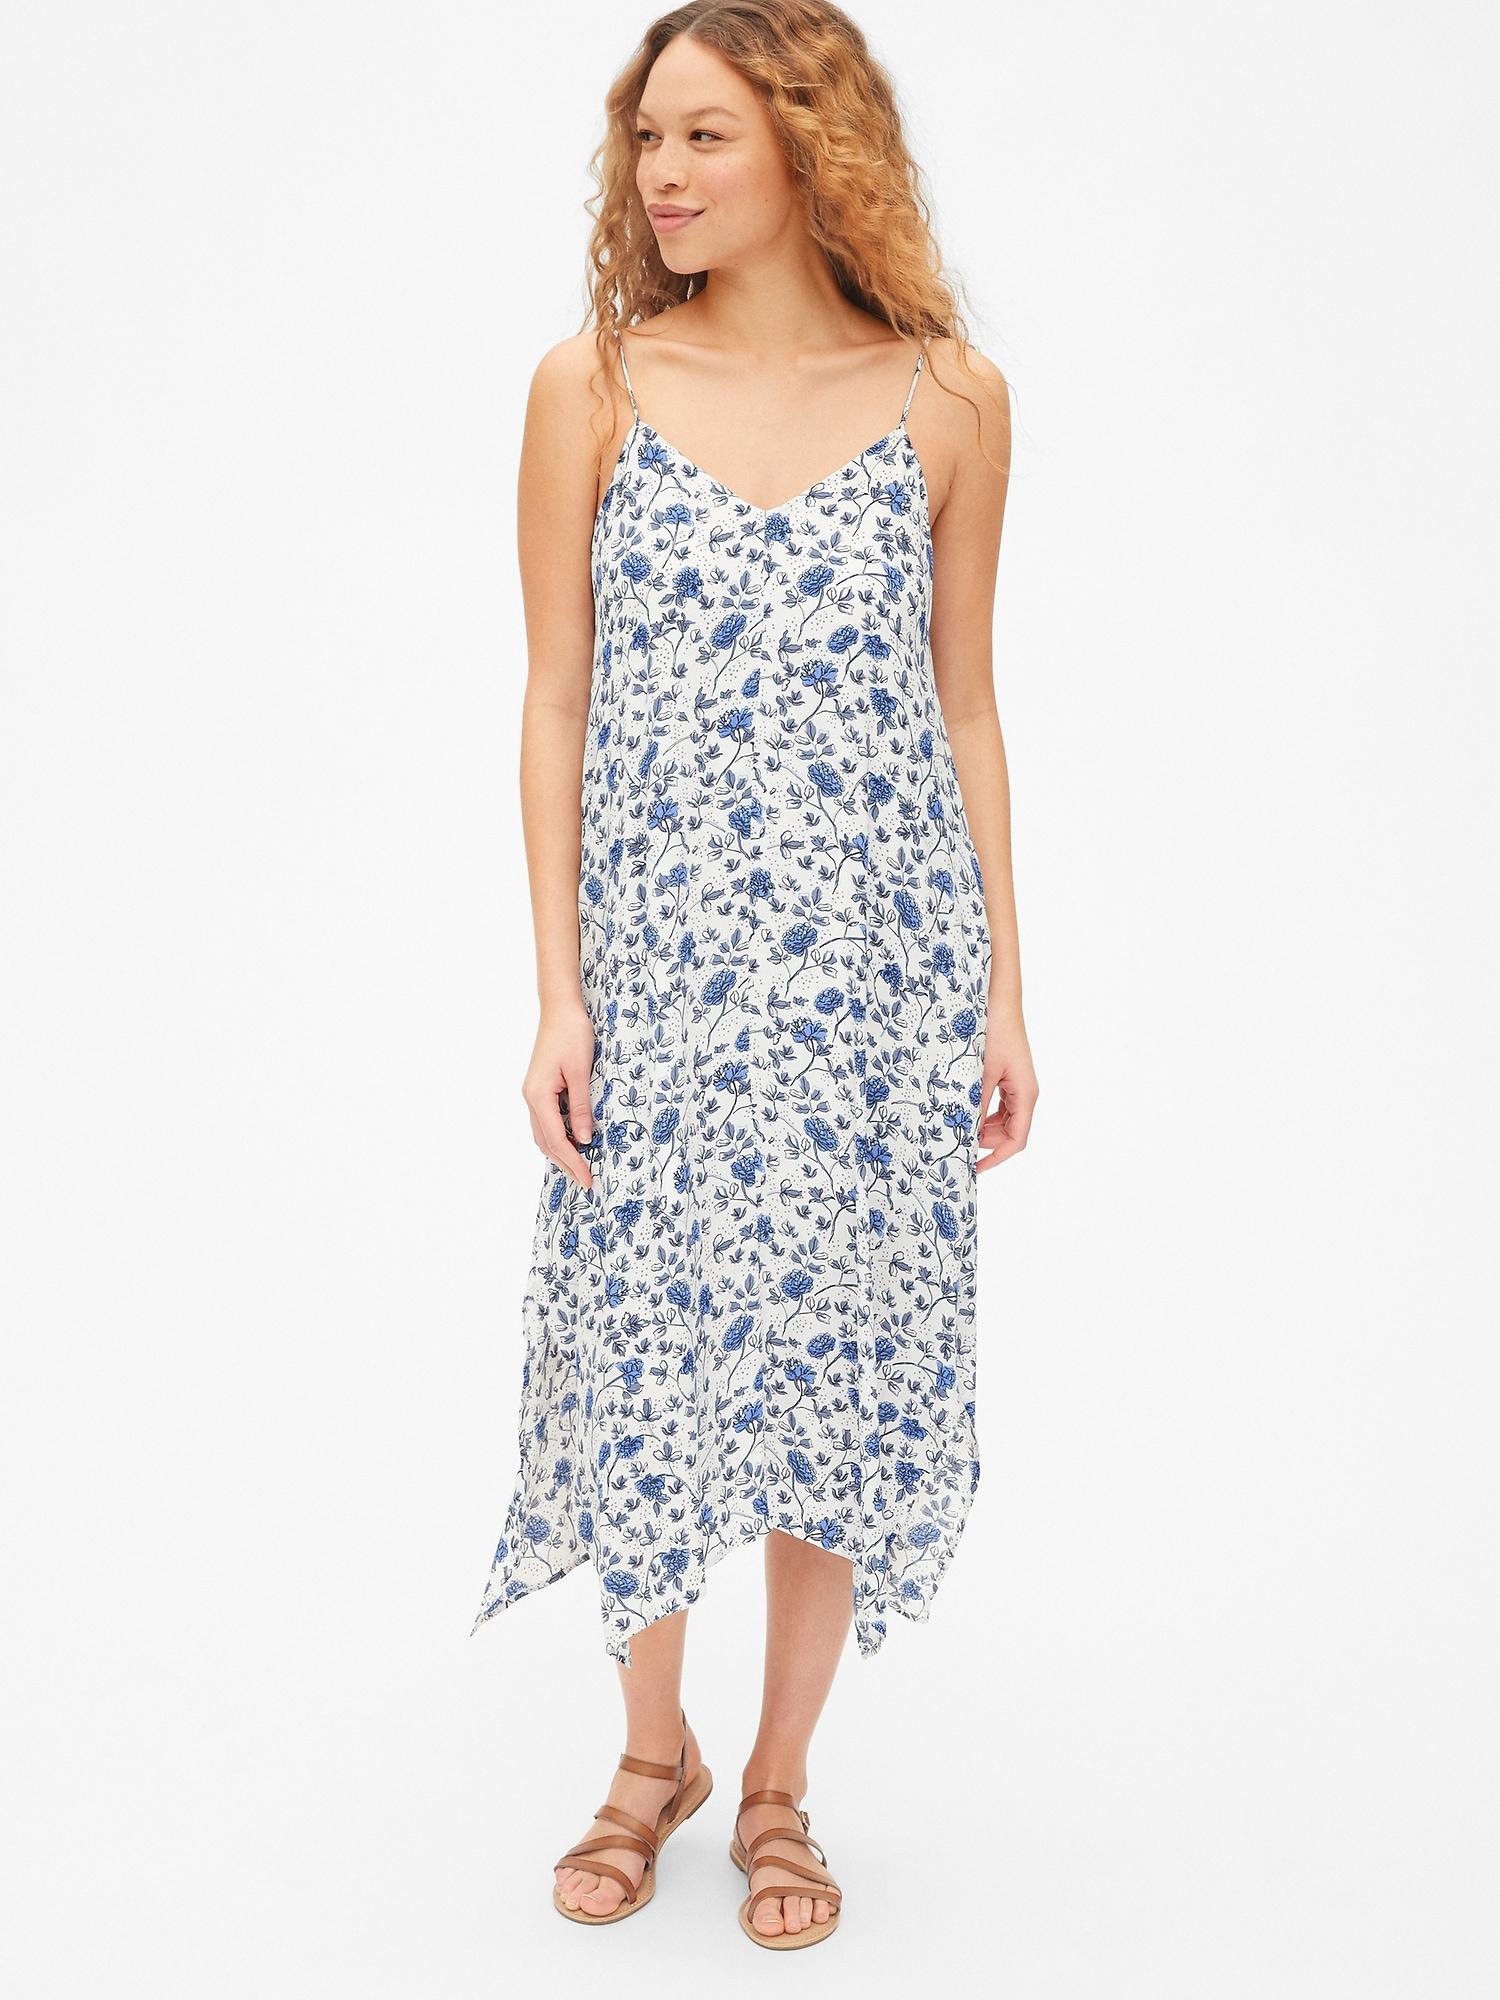 520684dc6fb Cami Floral Print Handkerchief Midi Dress